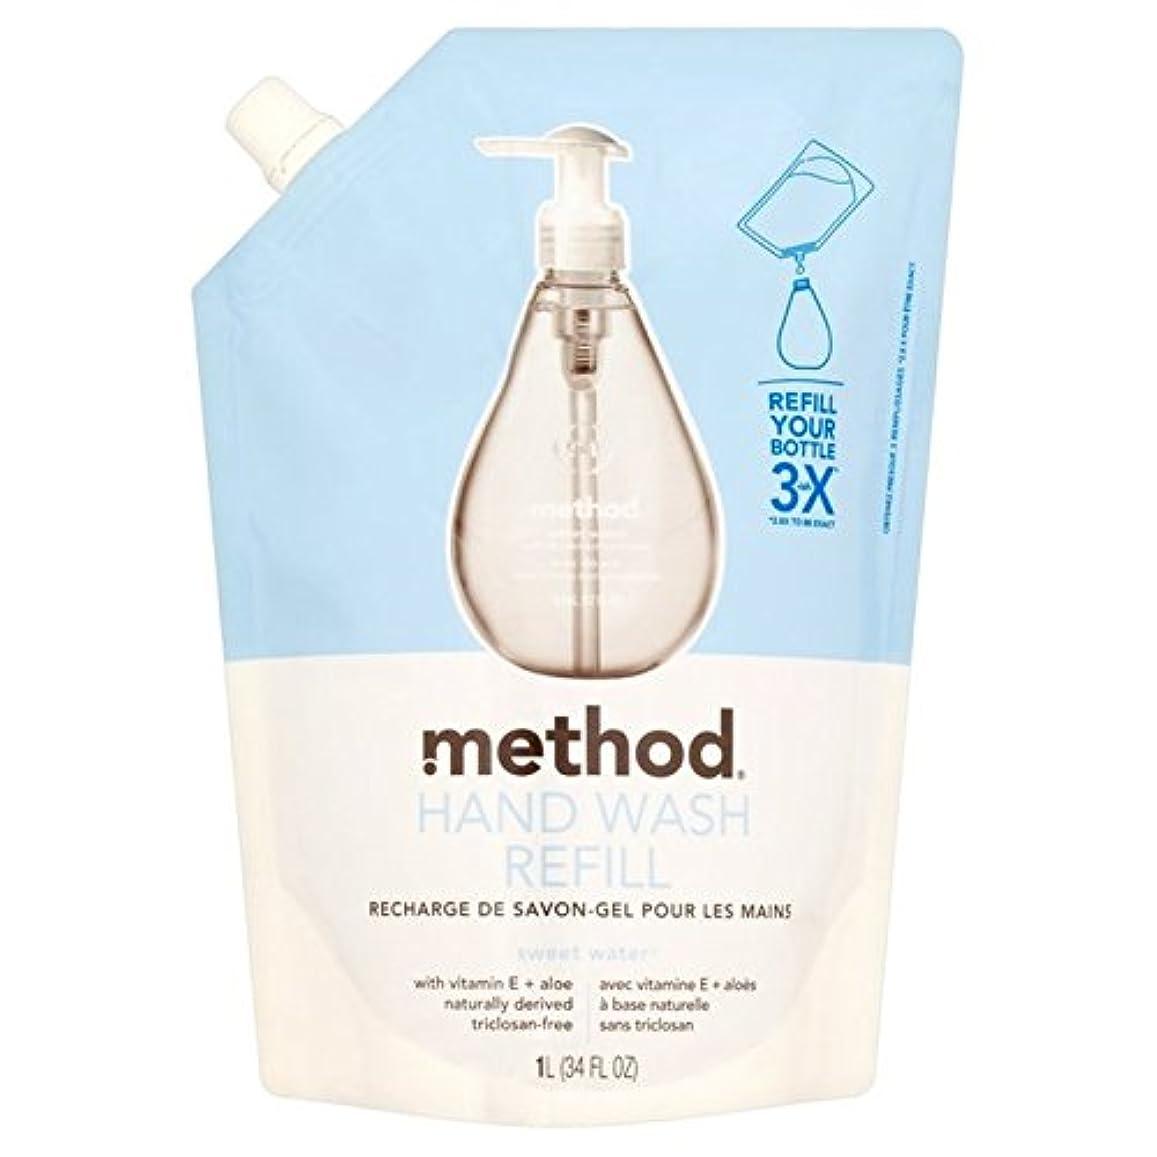 副詞マークされたインタビューメソッドの甘い水のリファイルの手洗いの1リットル x2 - Method Sweet Water Refil Handwash 1L (Pack of 2) [並行輸入品]